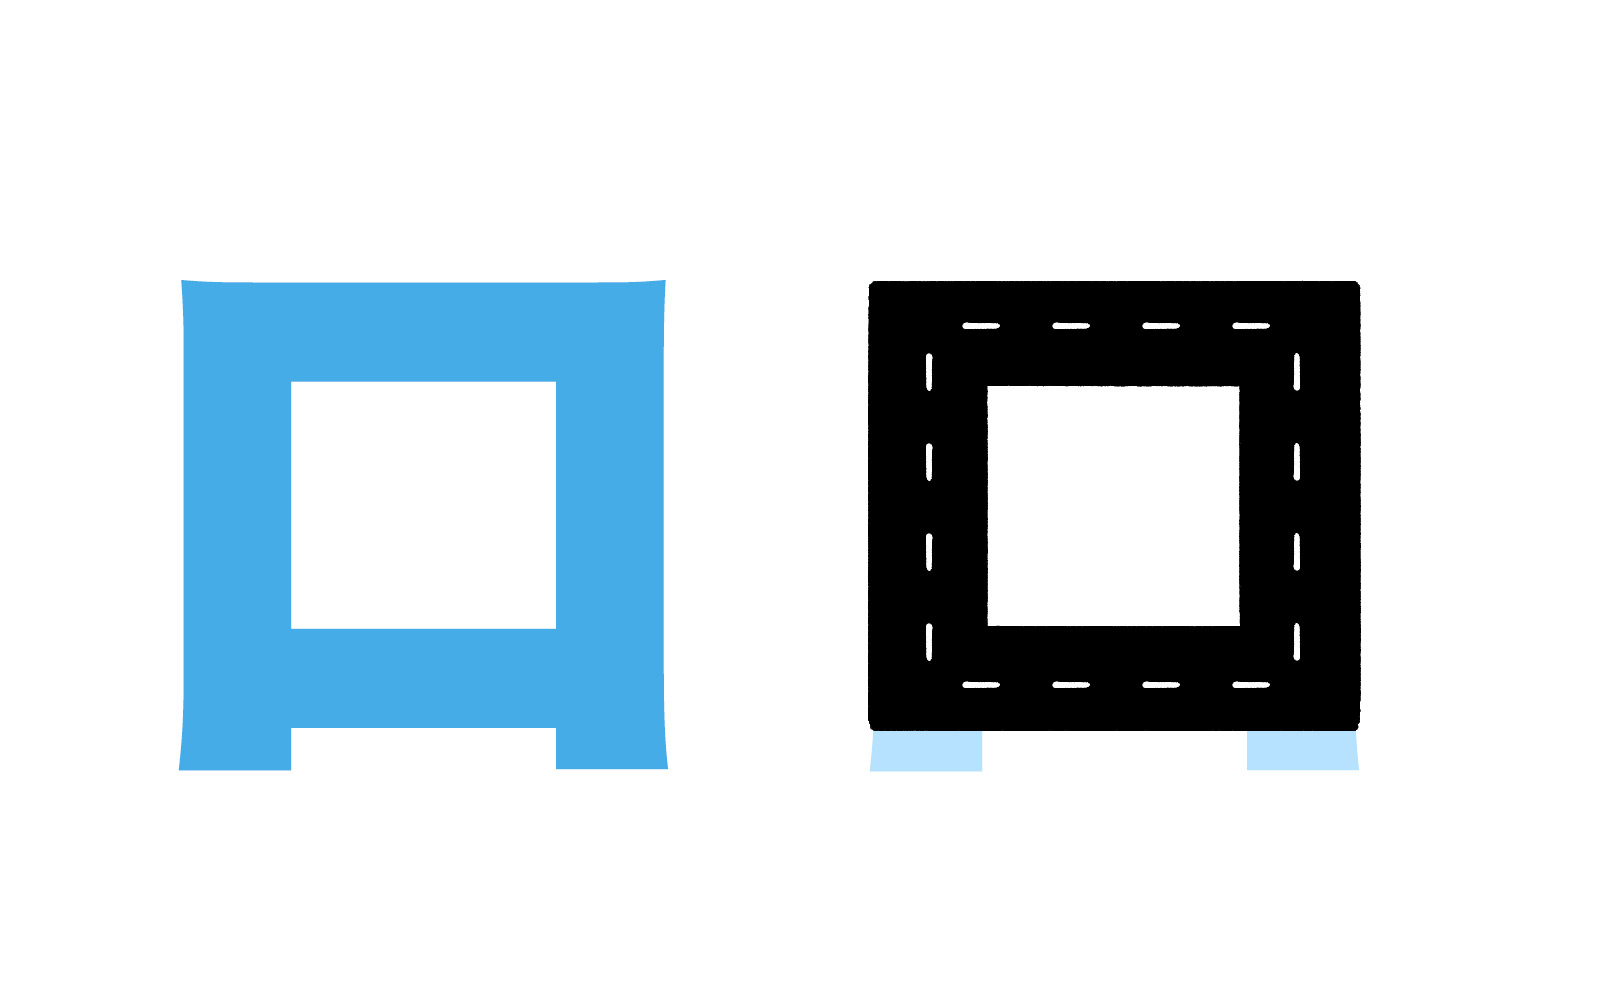 Katakana character ロ mnemonic